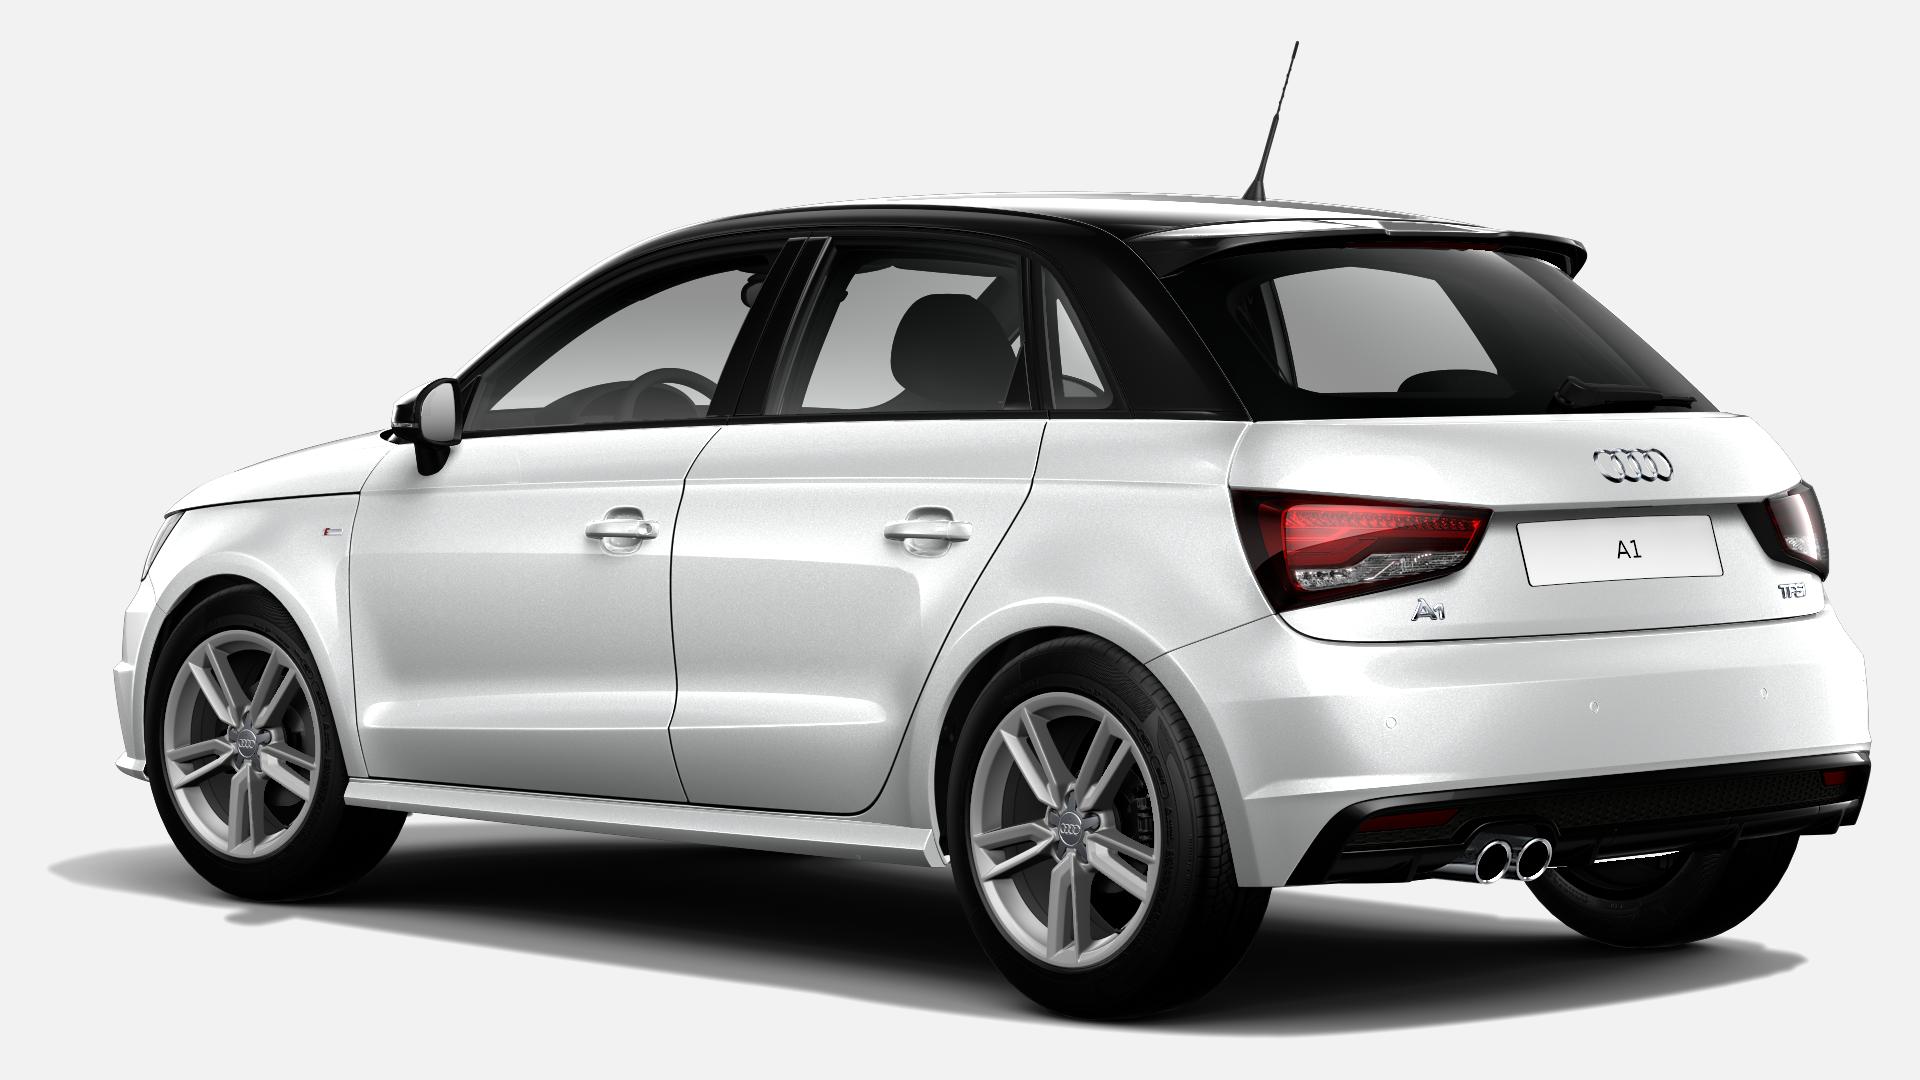 Audi A1 Sportback 1.4 TFSI Adrenalin S tronic 92 kW (125 CV)